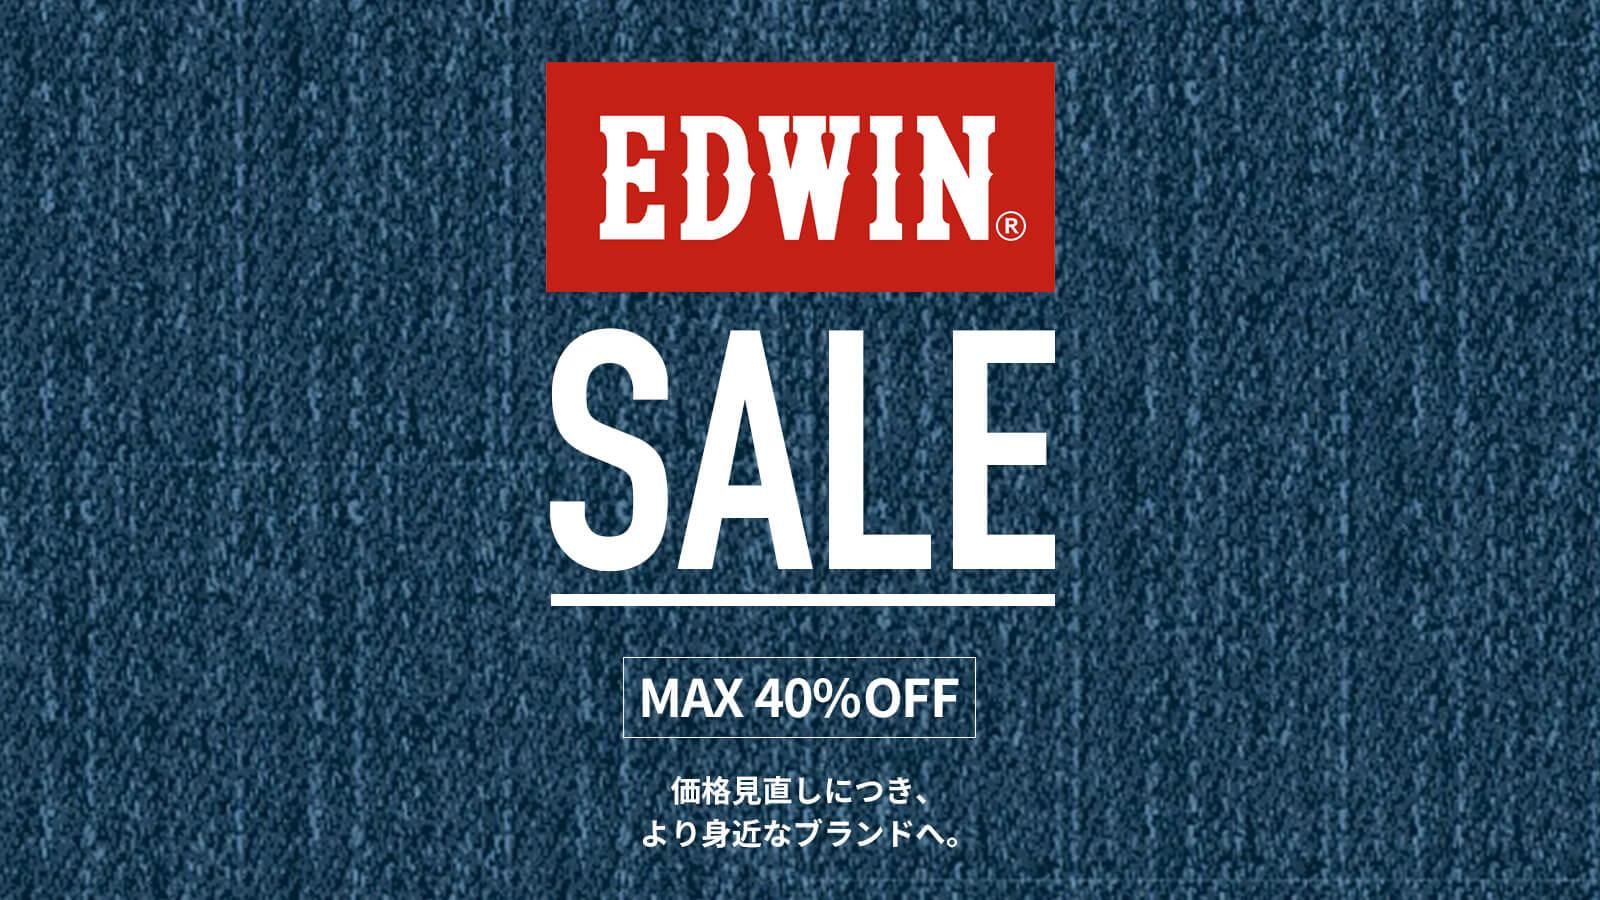 EDWIN&SOMETHING ブランド・レインウェア